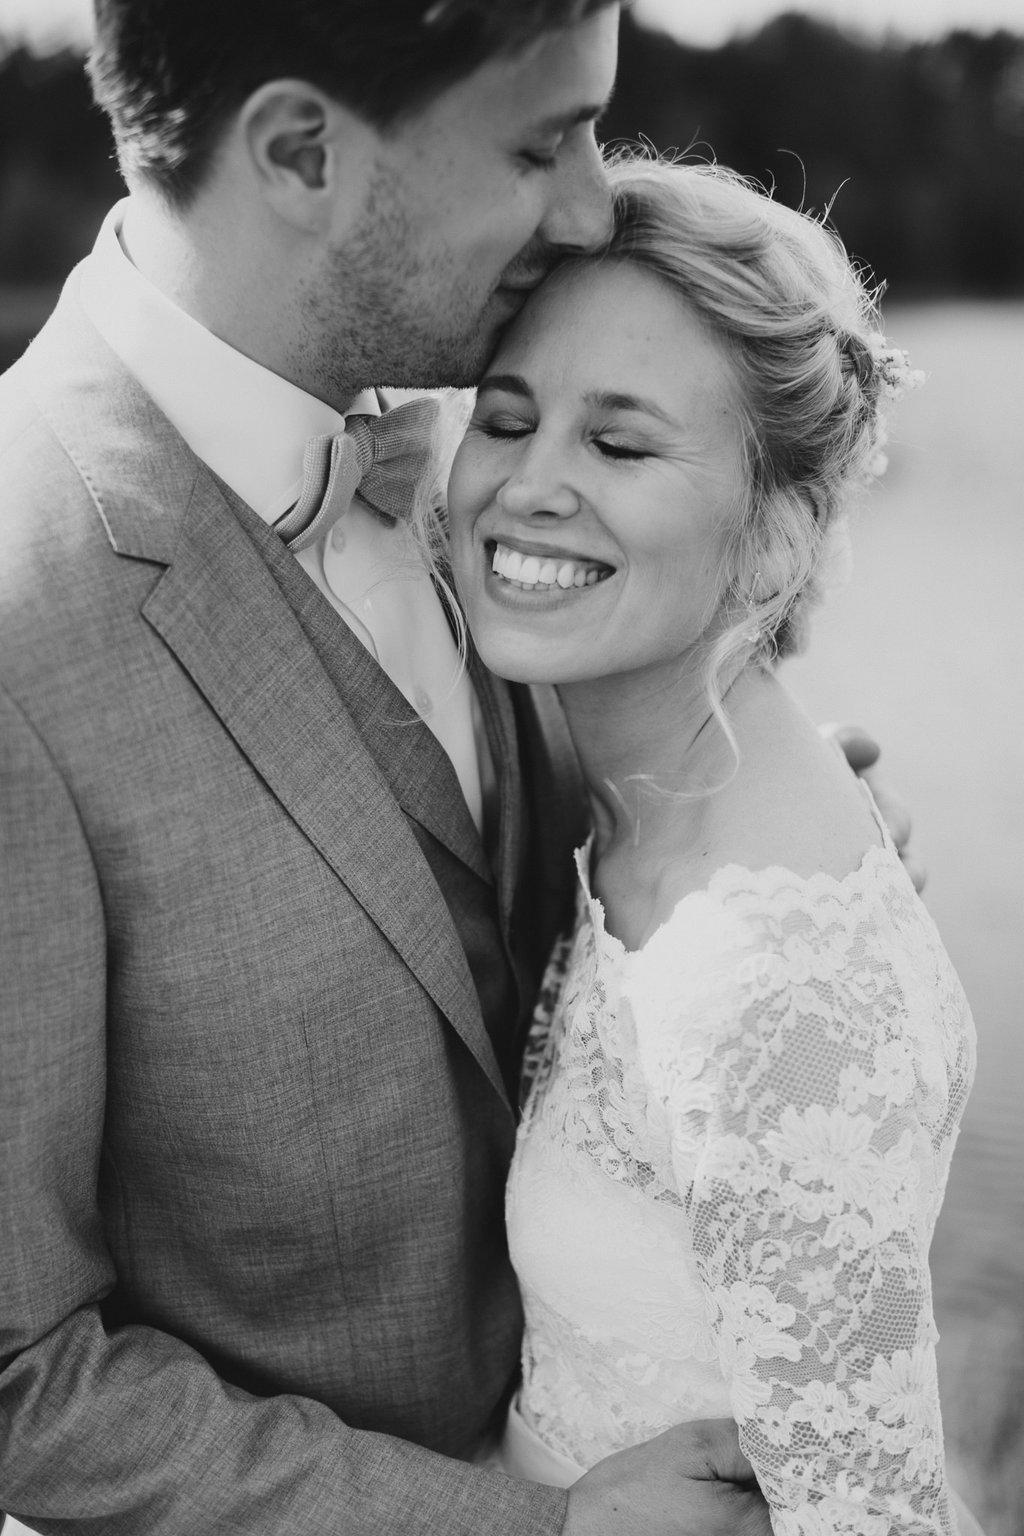 140607_wedding_emelie_gustav_pp-635.jpg